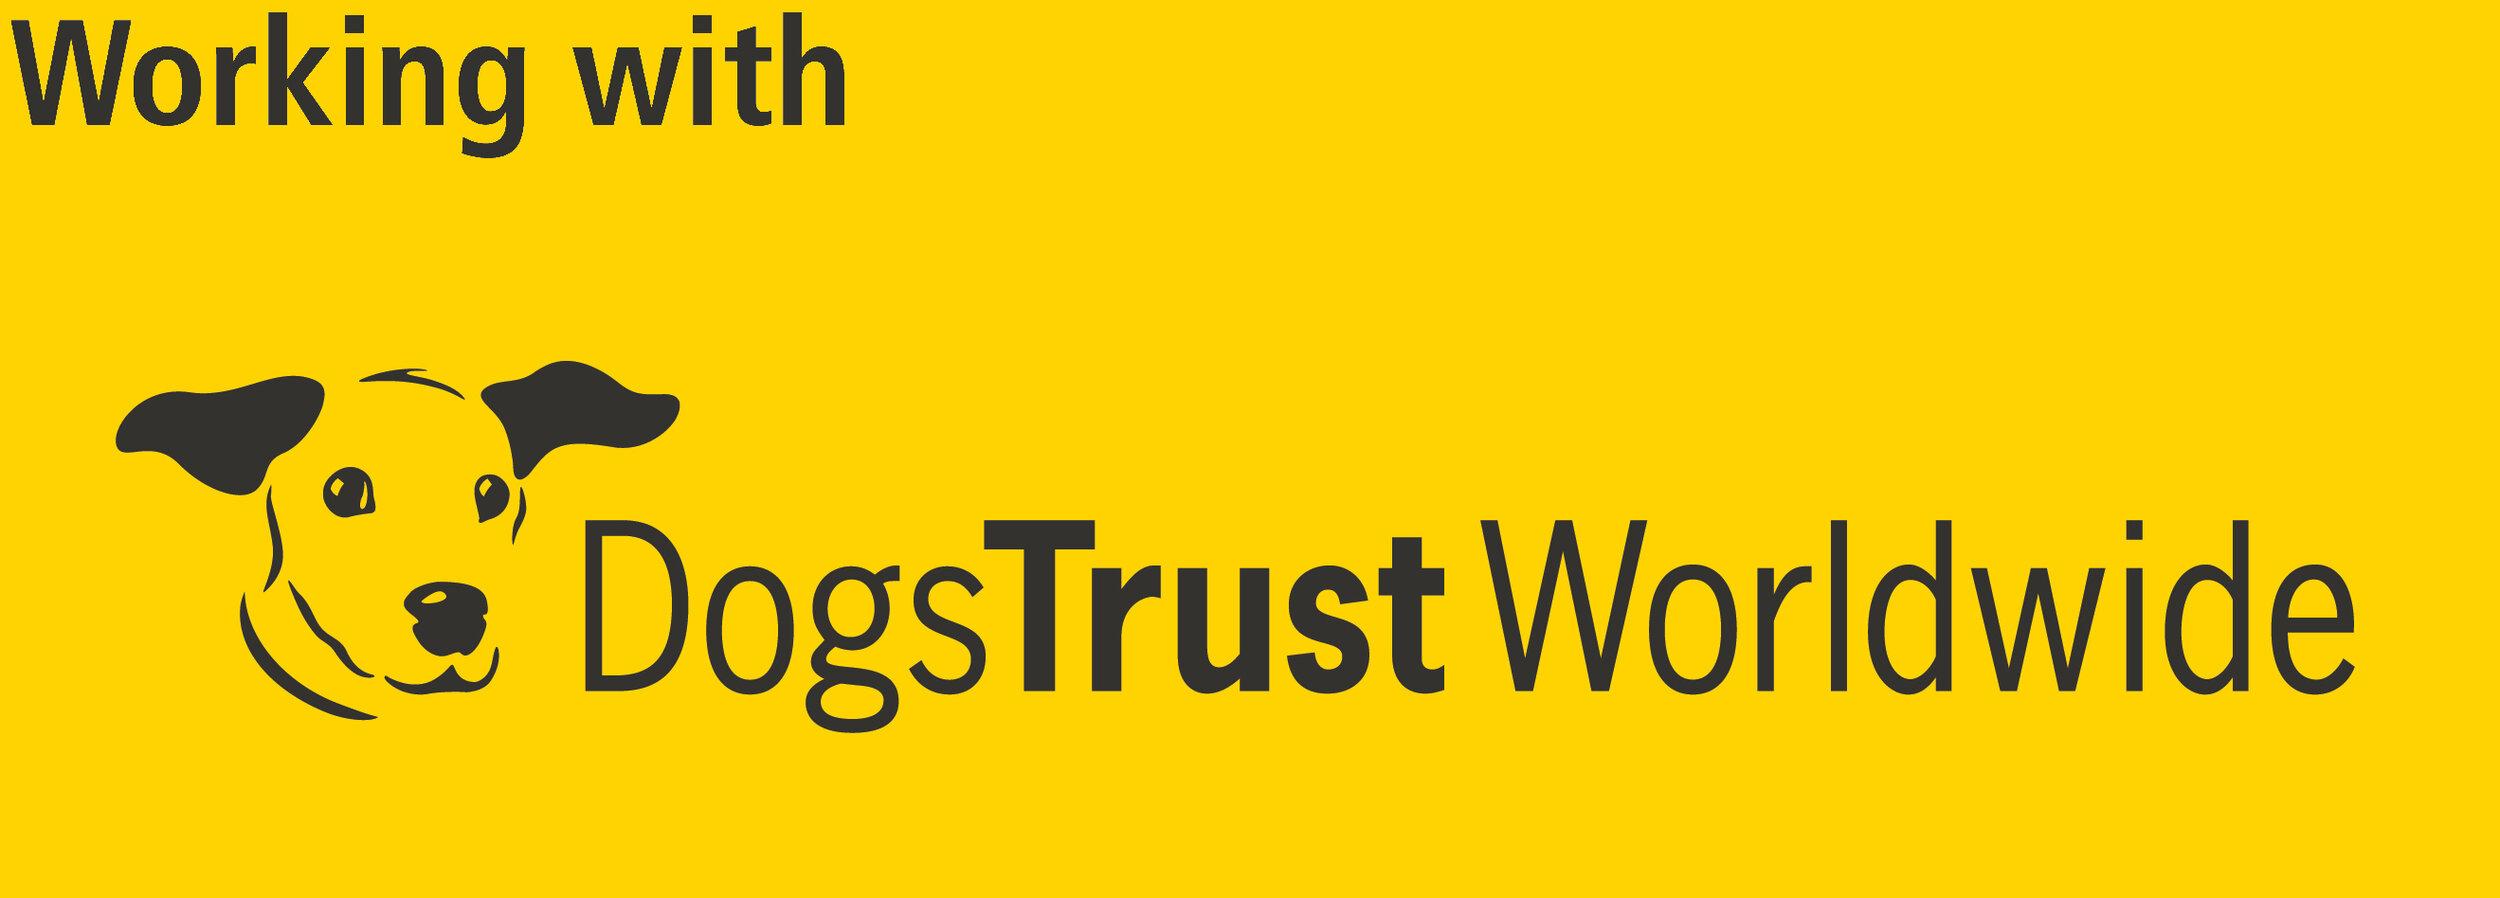 New DogsTrustWorldwideLogo_working_with_horizontal July 2018 (1).jpg